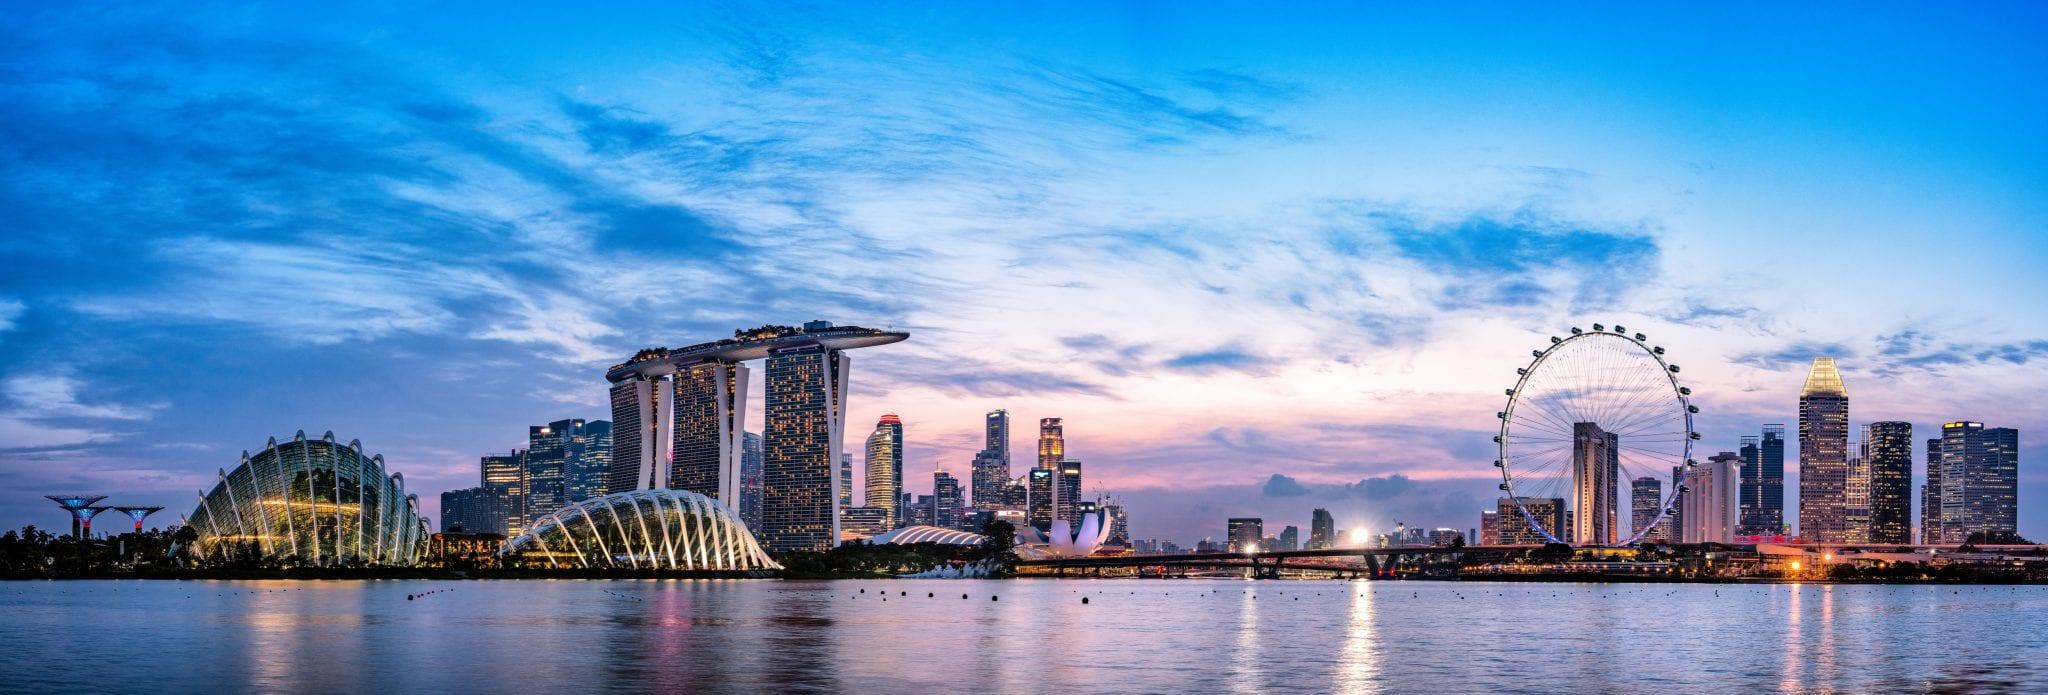 360 Panorama view of Singapore